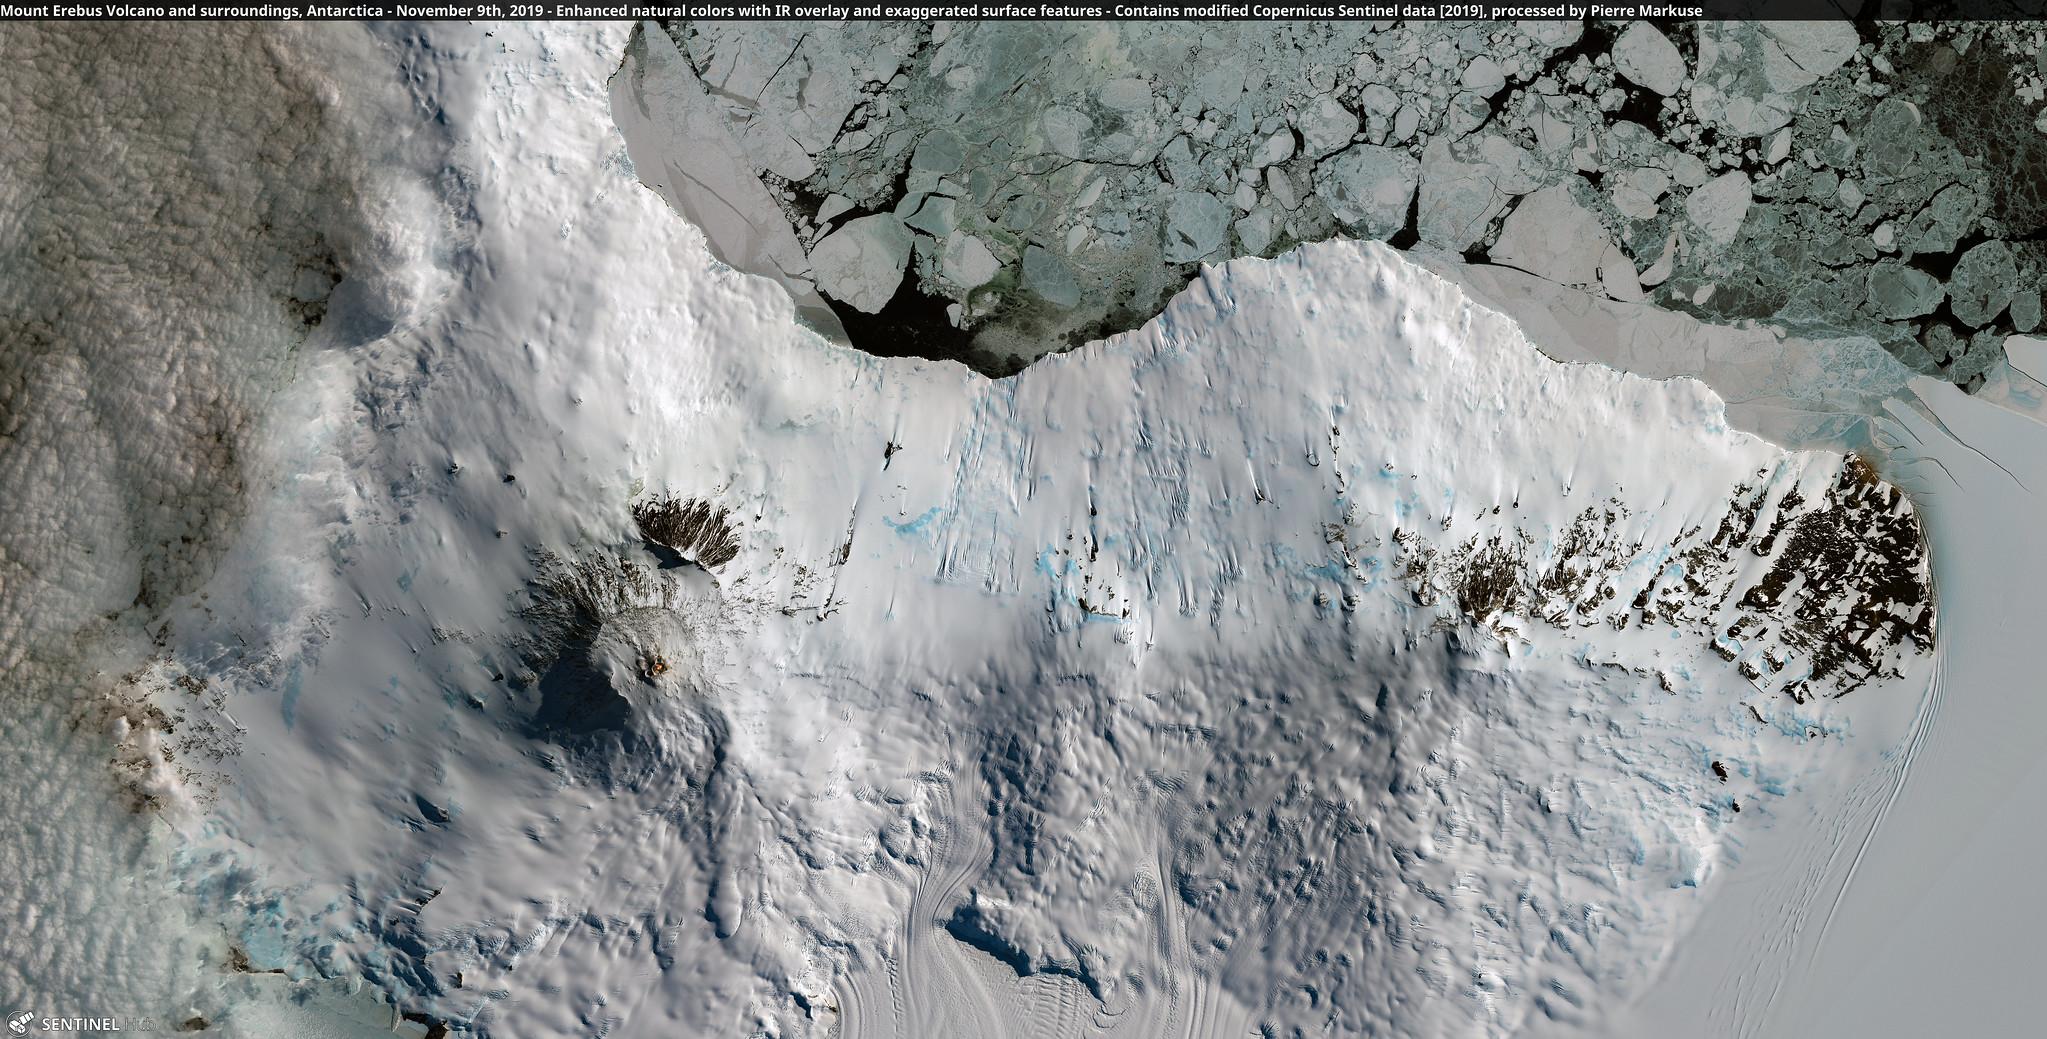 Mount Erebus Volcano Antarctica broad view